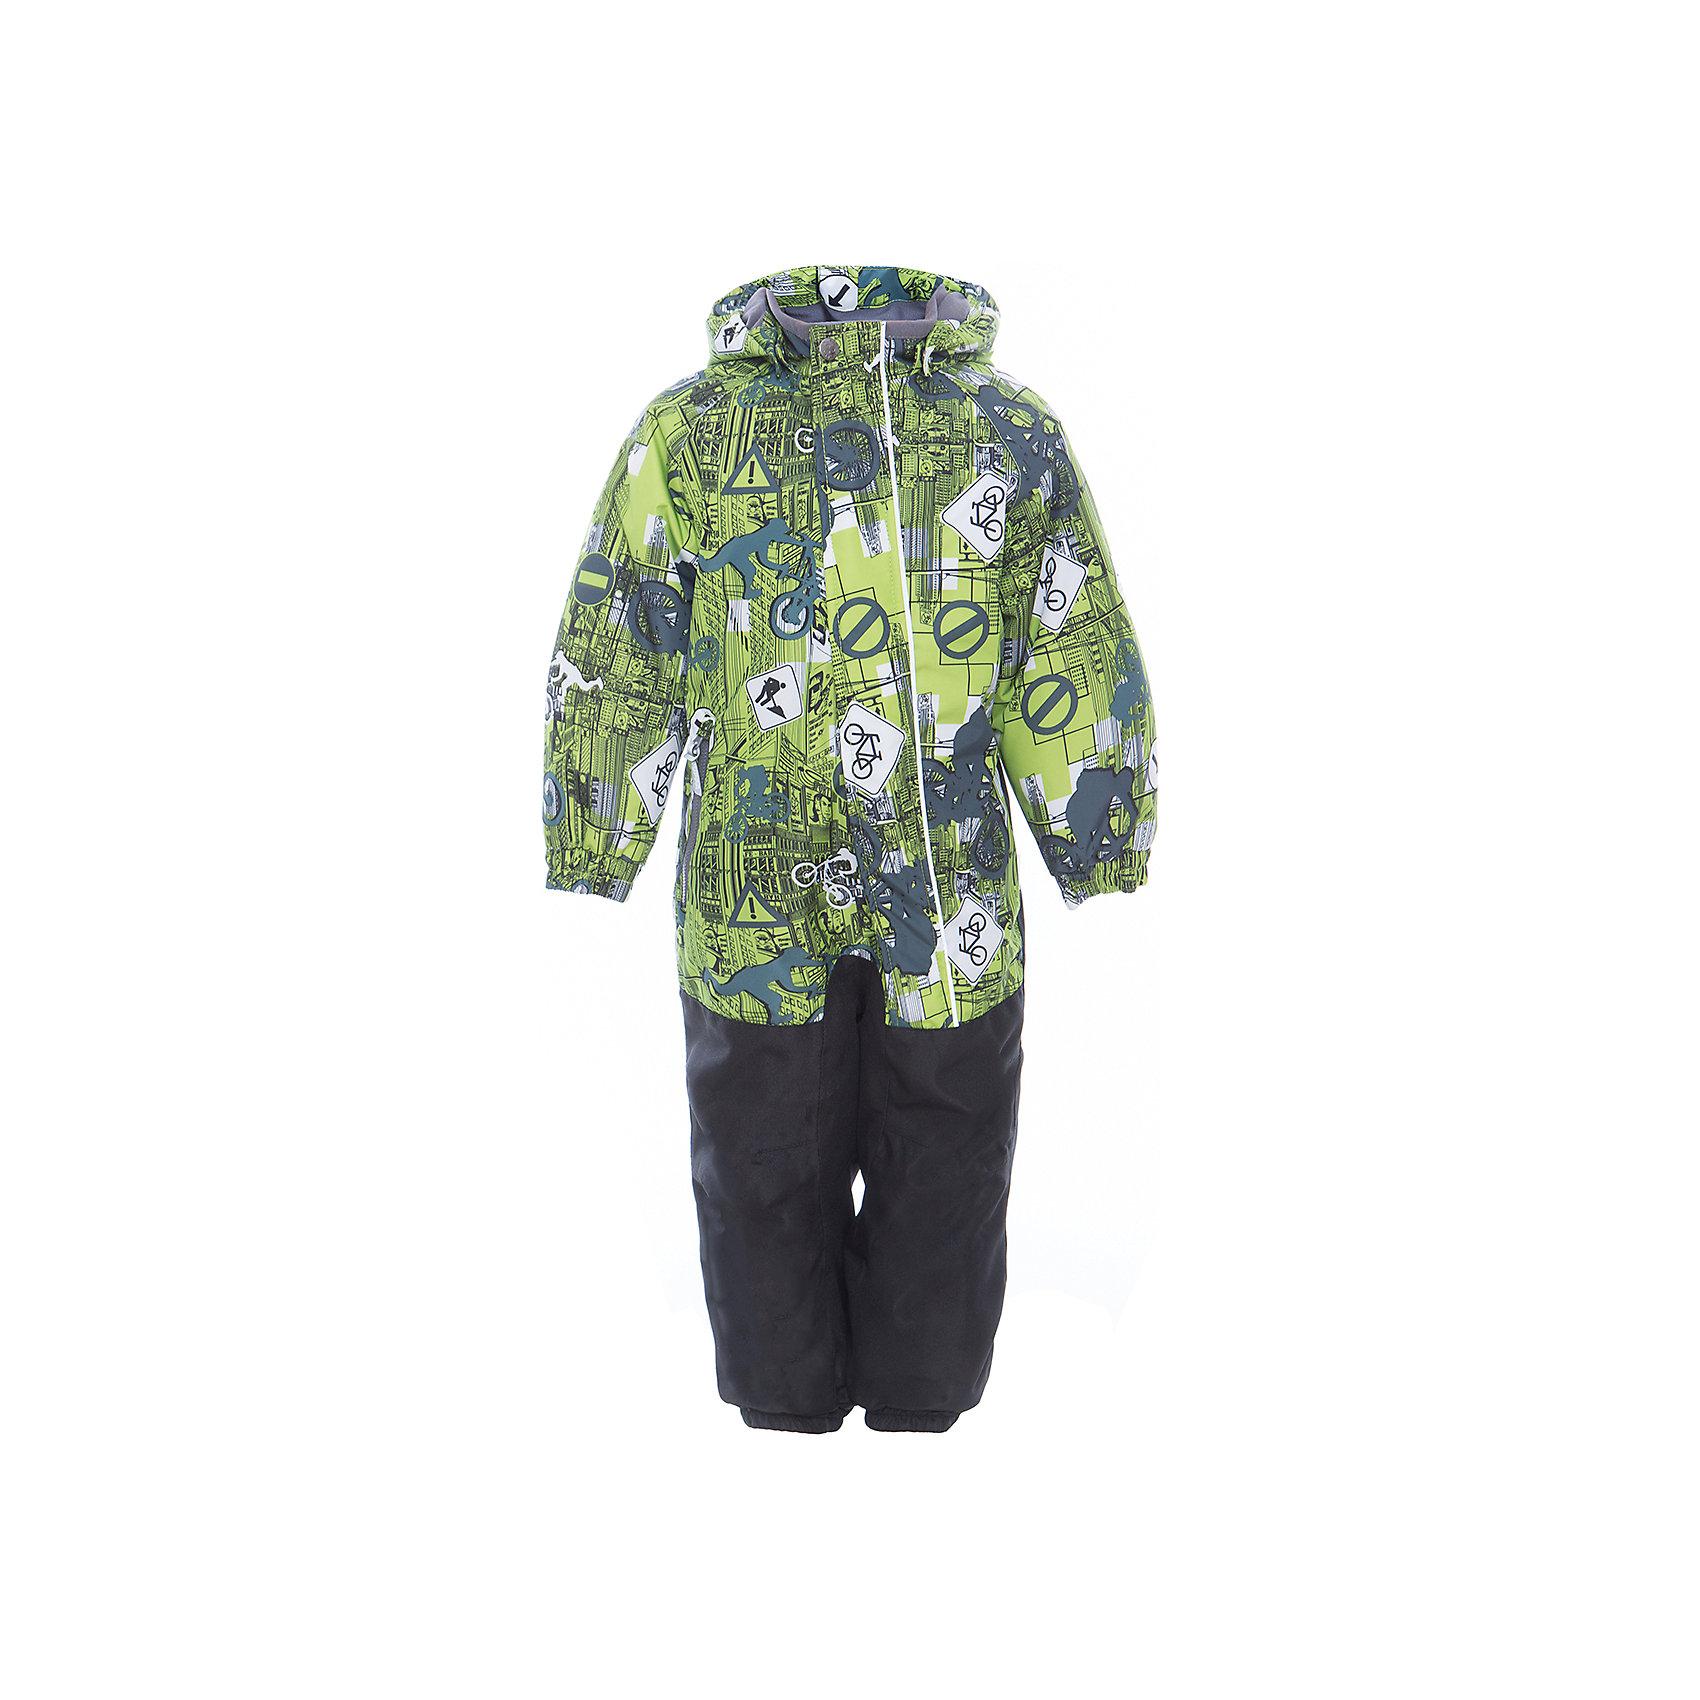 Комбинезон CHRIS для мальчика HuppaВерхняя одежда<br>Характеристики товара:<br><br>• цвет: лайм принт<br>• ткань: 100% полиэстер<br>• подкладка: тафта, pritex - 100% полиэстер<br>• утеплитель: 100% полиэстер 100 г<br>• температурный режим: от -5°С до +10°С<br>• водонепроницаемость: 10000 мм<br>• воздухопроницаемость: 10000 мм<br>• светоотражающие детали<br>• средний задний шов, боковые и внутренние швы проклеены<br>• съёмный капюшон с резинкой<br>• защита подбородка<br>• эластичные манжеты<br>• манжеты брюк с резинкой<br>• съёмные эластичные штрипки<br>• без внутренних швов<br>• коллекция: весна-лето 2017<br>• страна бренда: Эстония<br><br>Этот удобный комбинезон обеспечит детям тепло и комфорт. Он сделан из материала, отталкивающего воду, и дополнен подкладкой с утеплителем, поэтому изделие идеально подходит для межсезонья. Материал изделия - с мембранной технологией: защищая от влаги и ветра, он легко выводит лишнюю влагу наружу. Комбинезон очень симпатично смотрится. <br><br>Одежда и обувь от популярного эстонского бренда Huppa - отличный вариант одеть ребенка можно и комфортно. Вещи, выпускаемые компанией, качественные, продуманные и очень удобные. Для производства изделий используются только безопасные для детей материалы. Продукция от Huppa порадует и детей, и их родителей!<br><br>Комбинезон GOLDEN от бренда Huppa (Хуппа) можно купить в нашем интернет-магазине.<br><br>Ширина мм: 356<br>Глубина мм: 10<br>Высота мм: 245<br>Вес г: 519<br>Цвет: зеленый<br>Возраст от месяцев: 72<br>Возраст до месяцев: 84<br>Пол: Мужской<br>Возраст: Детский<br>Размер: 122,92,98,104,110,116<br>SKU: 5346559